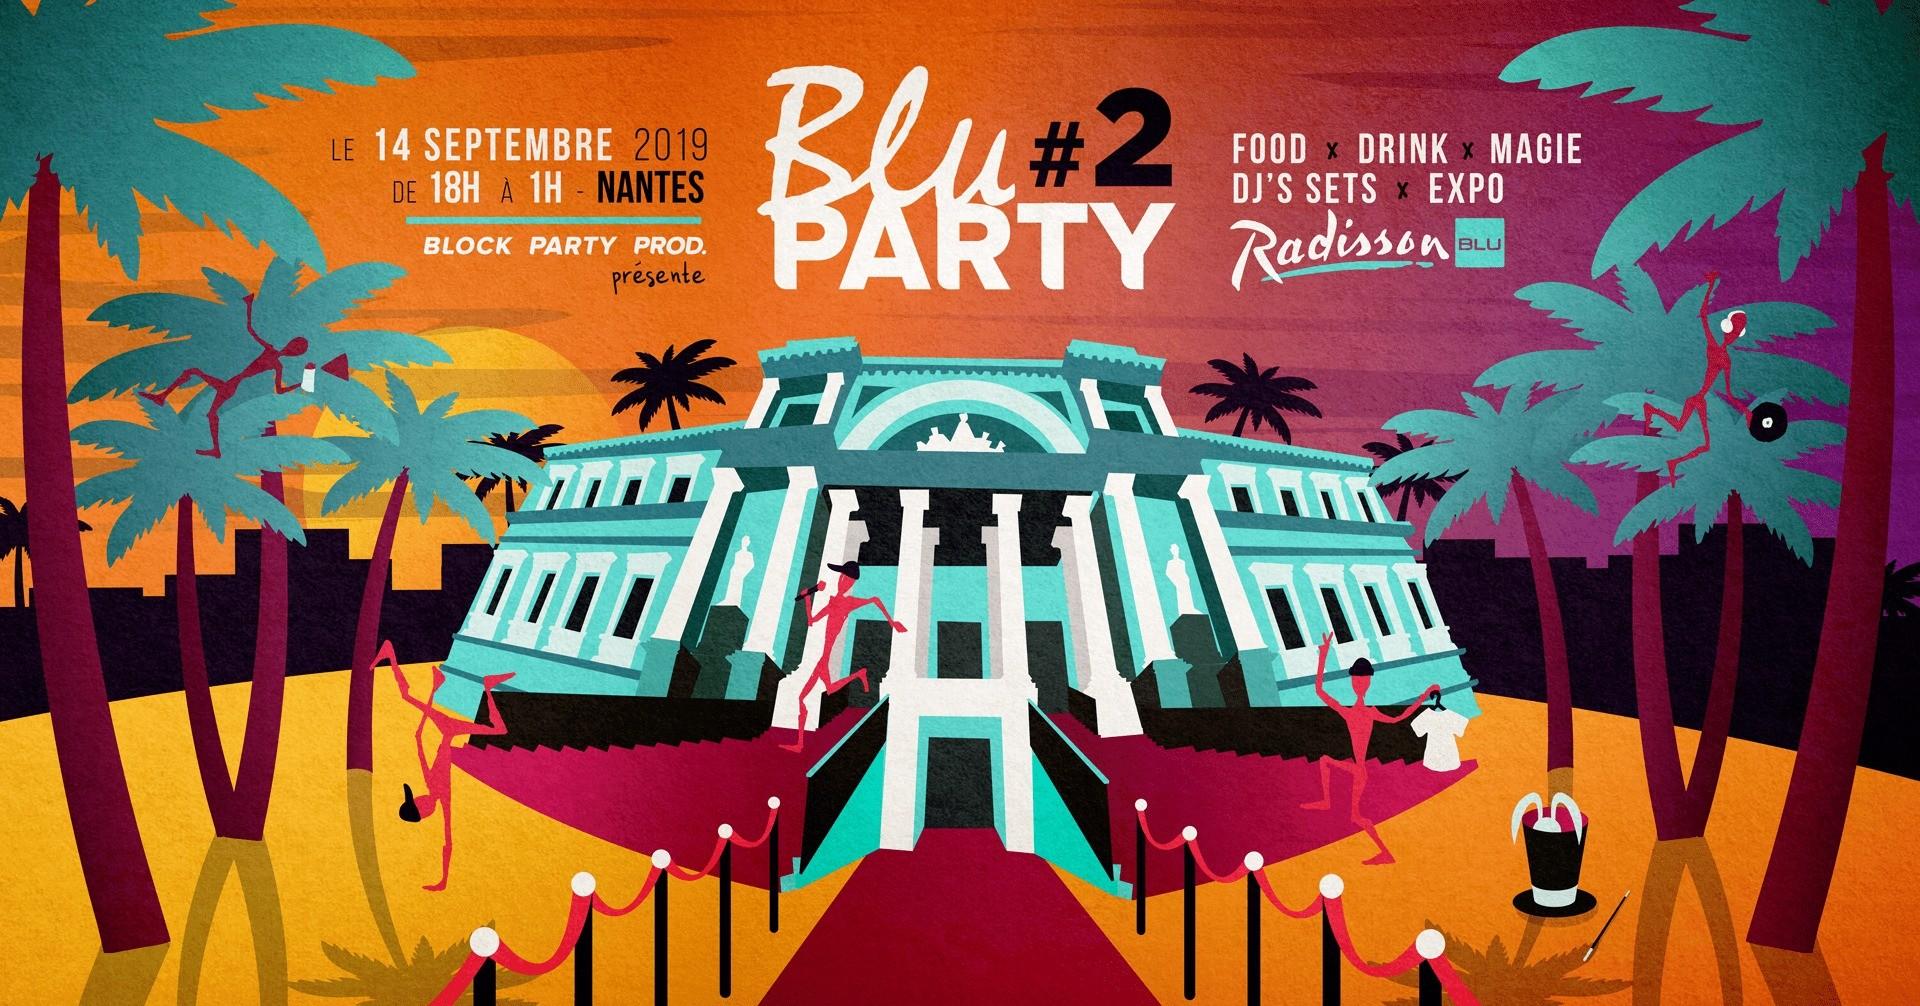 Bannière illustrée faisant la promotion de la Blu Party